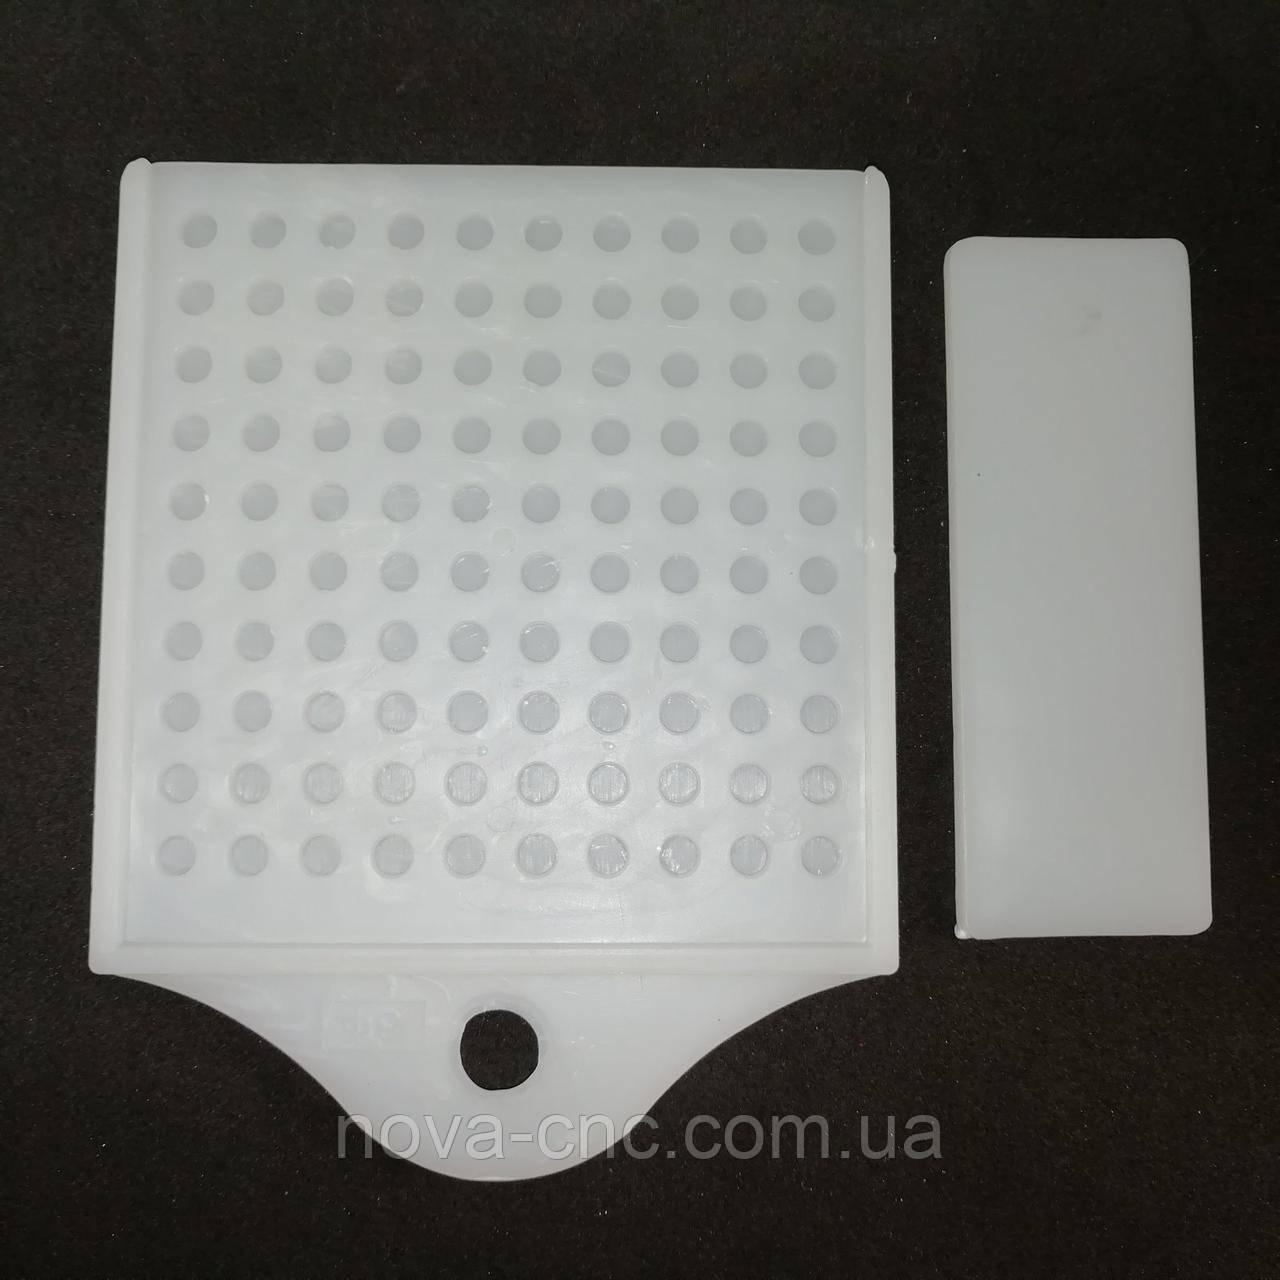 Органайзер для подсчета страз диаметром 4 и 5 мм пластик белый на 100 штук